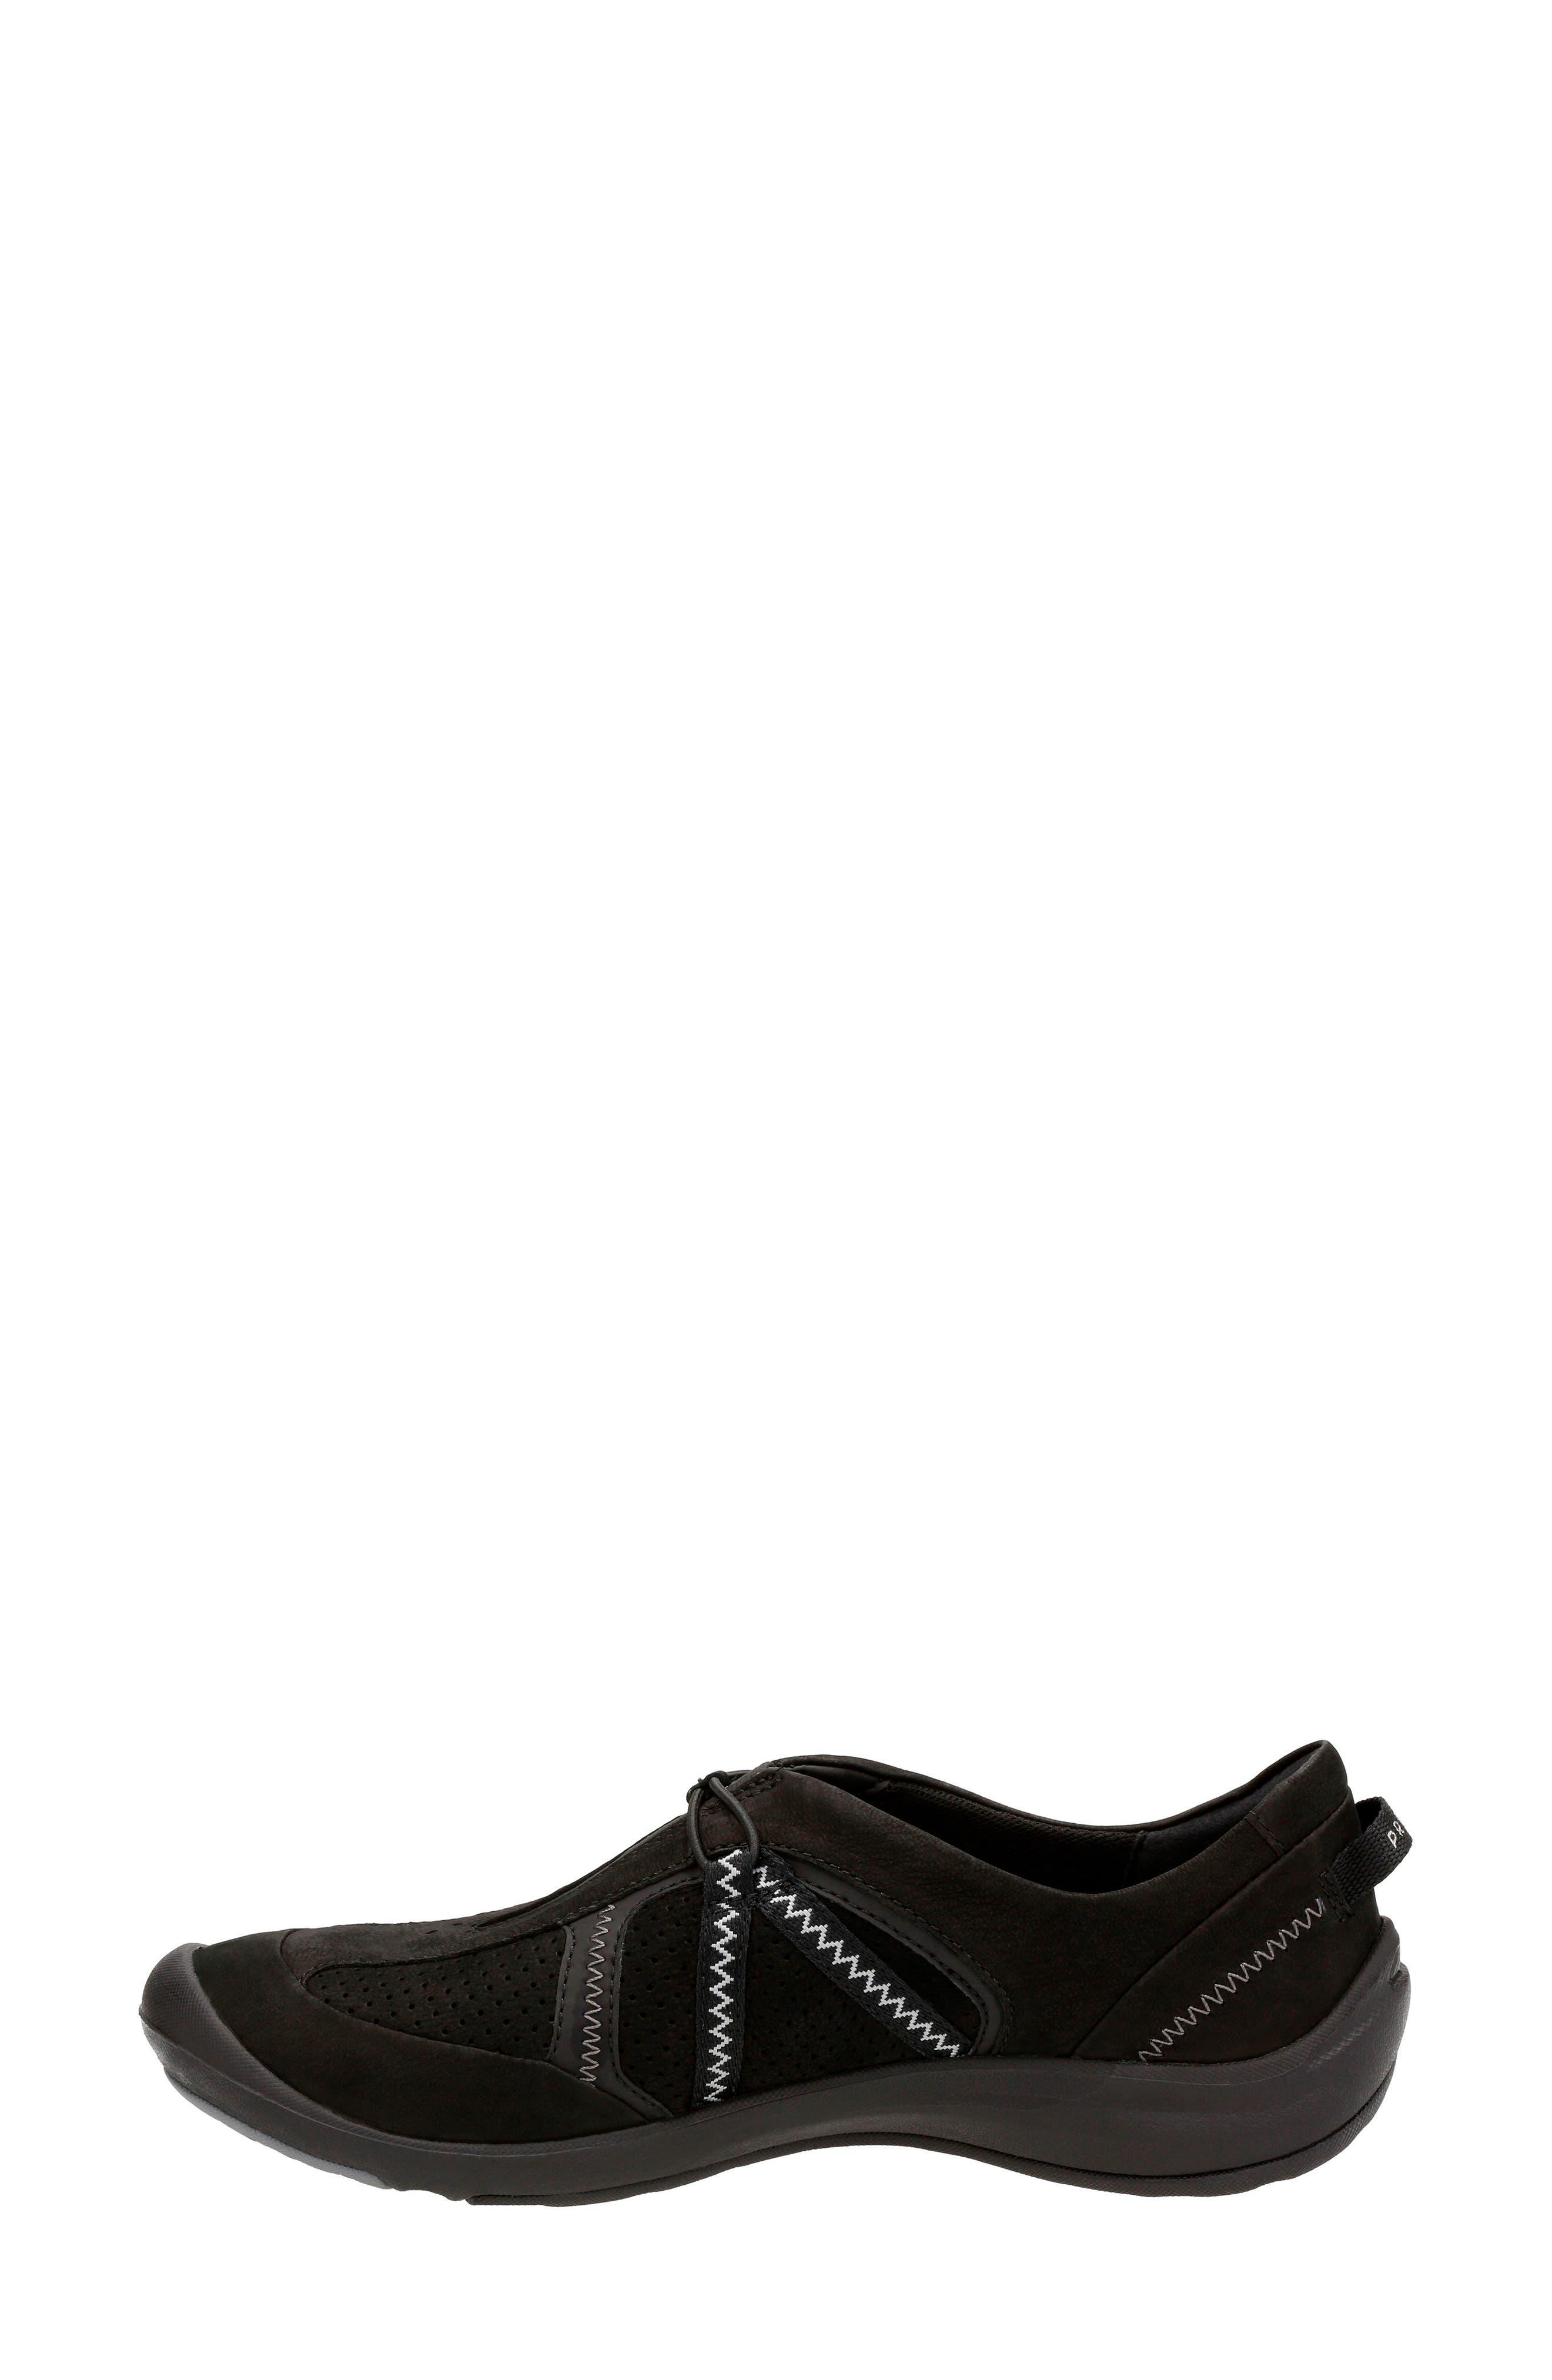 'Asney' Slip-On Sneaker,                             Alternate thumbnail 2, color,                             002